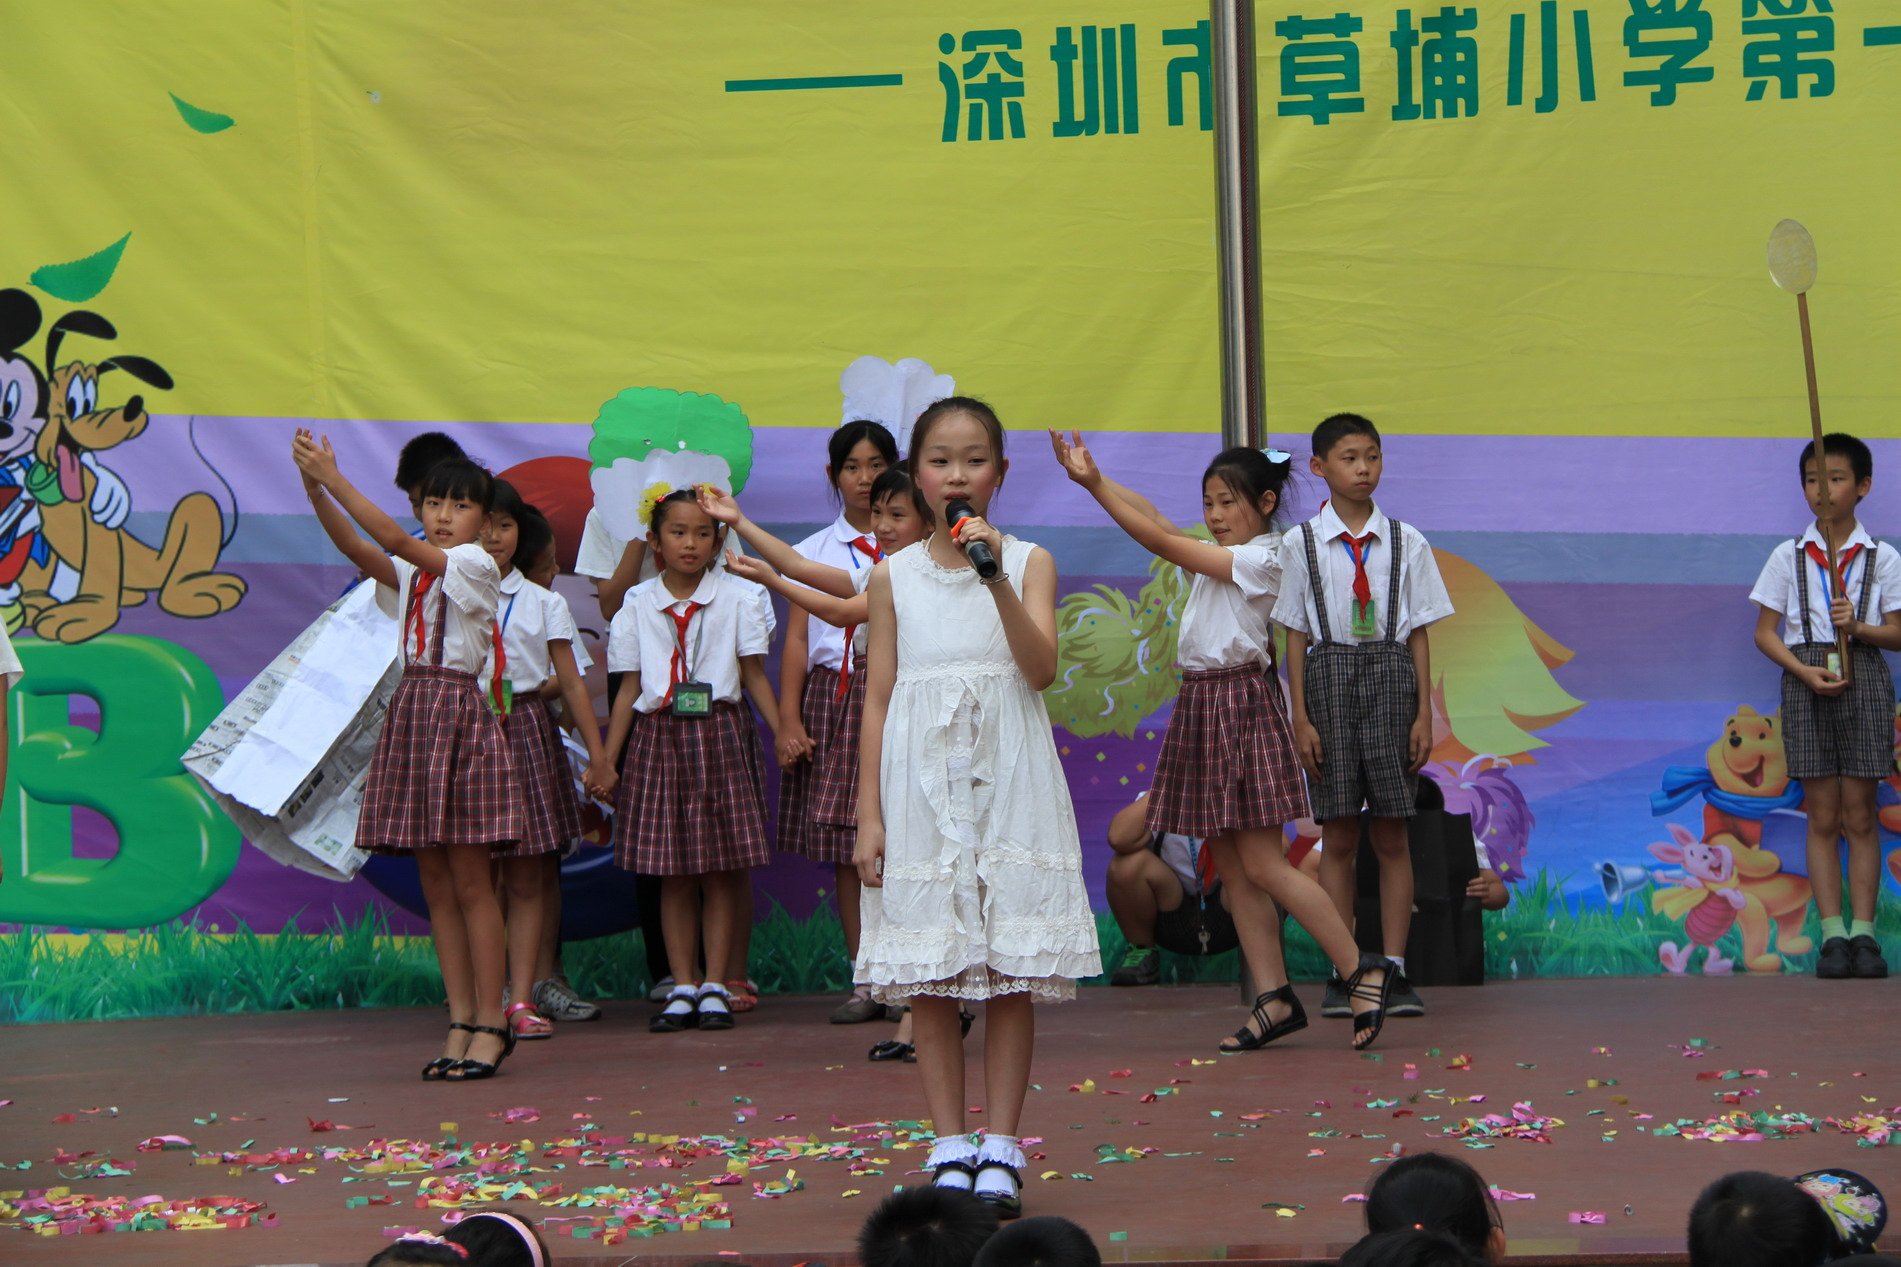 2011年6月1日六一儿童节节目表演-听妈妈讲那过去的